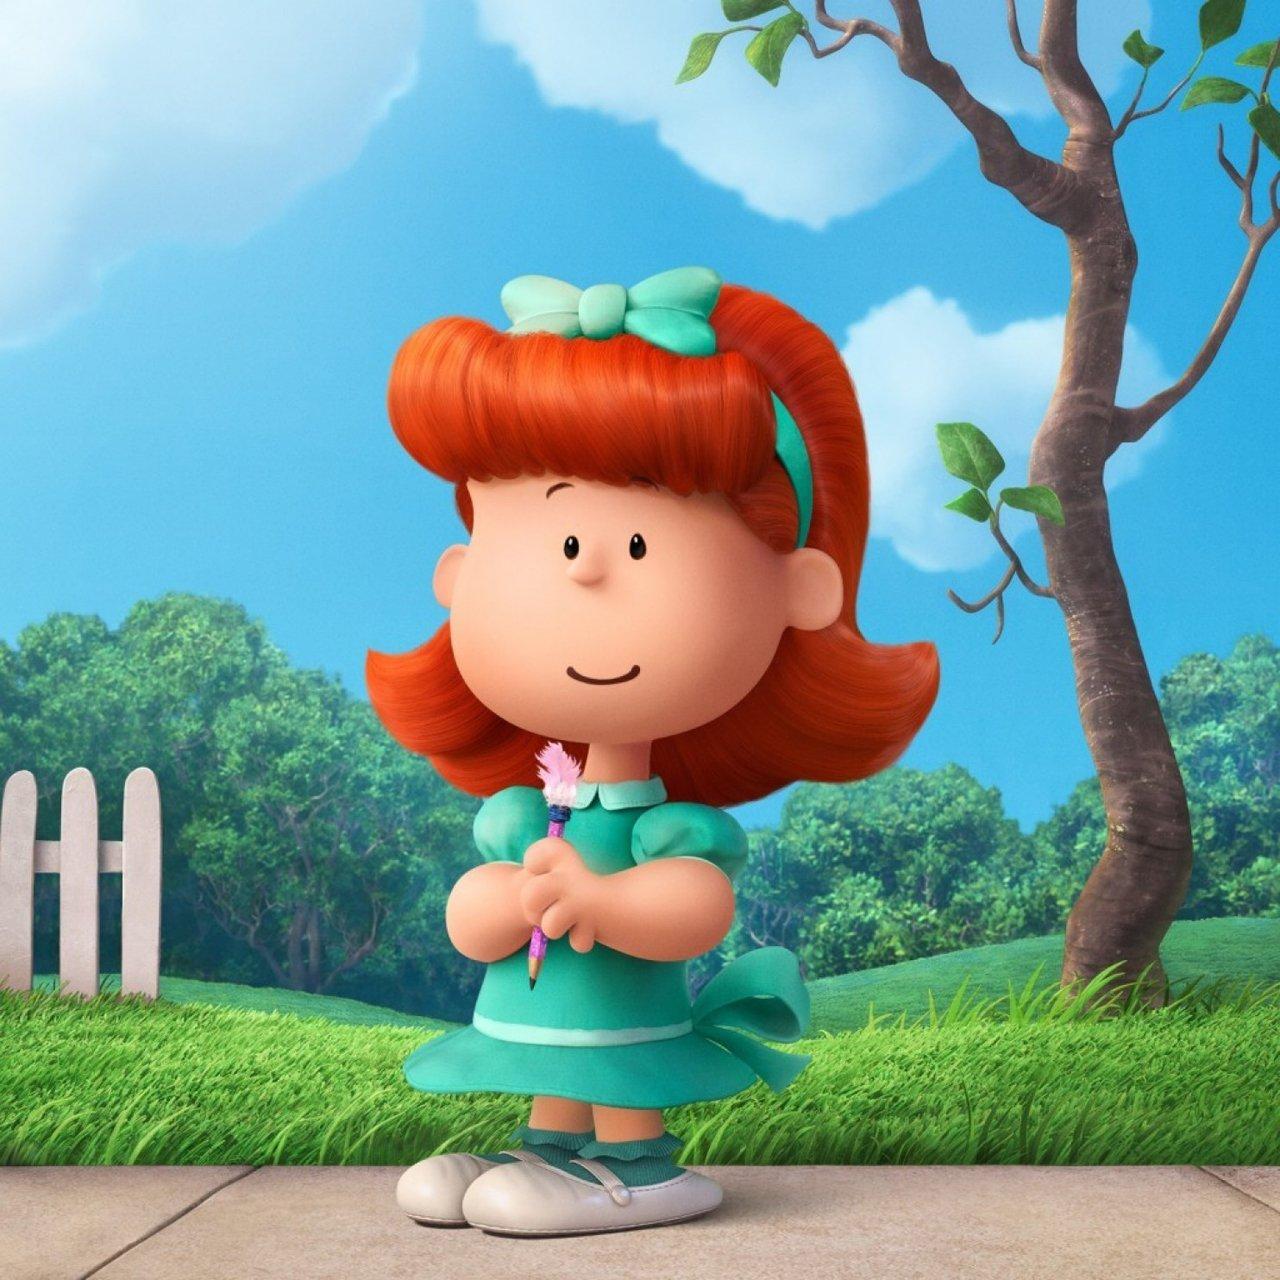 Snoopy & Friends - Il film dei Peanuts: la ragazzina dai capelli rossi